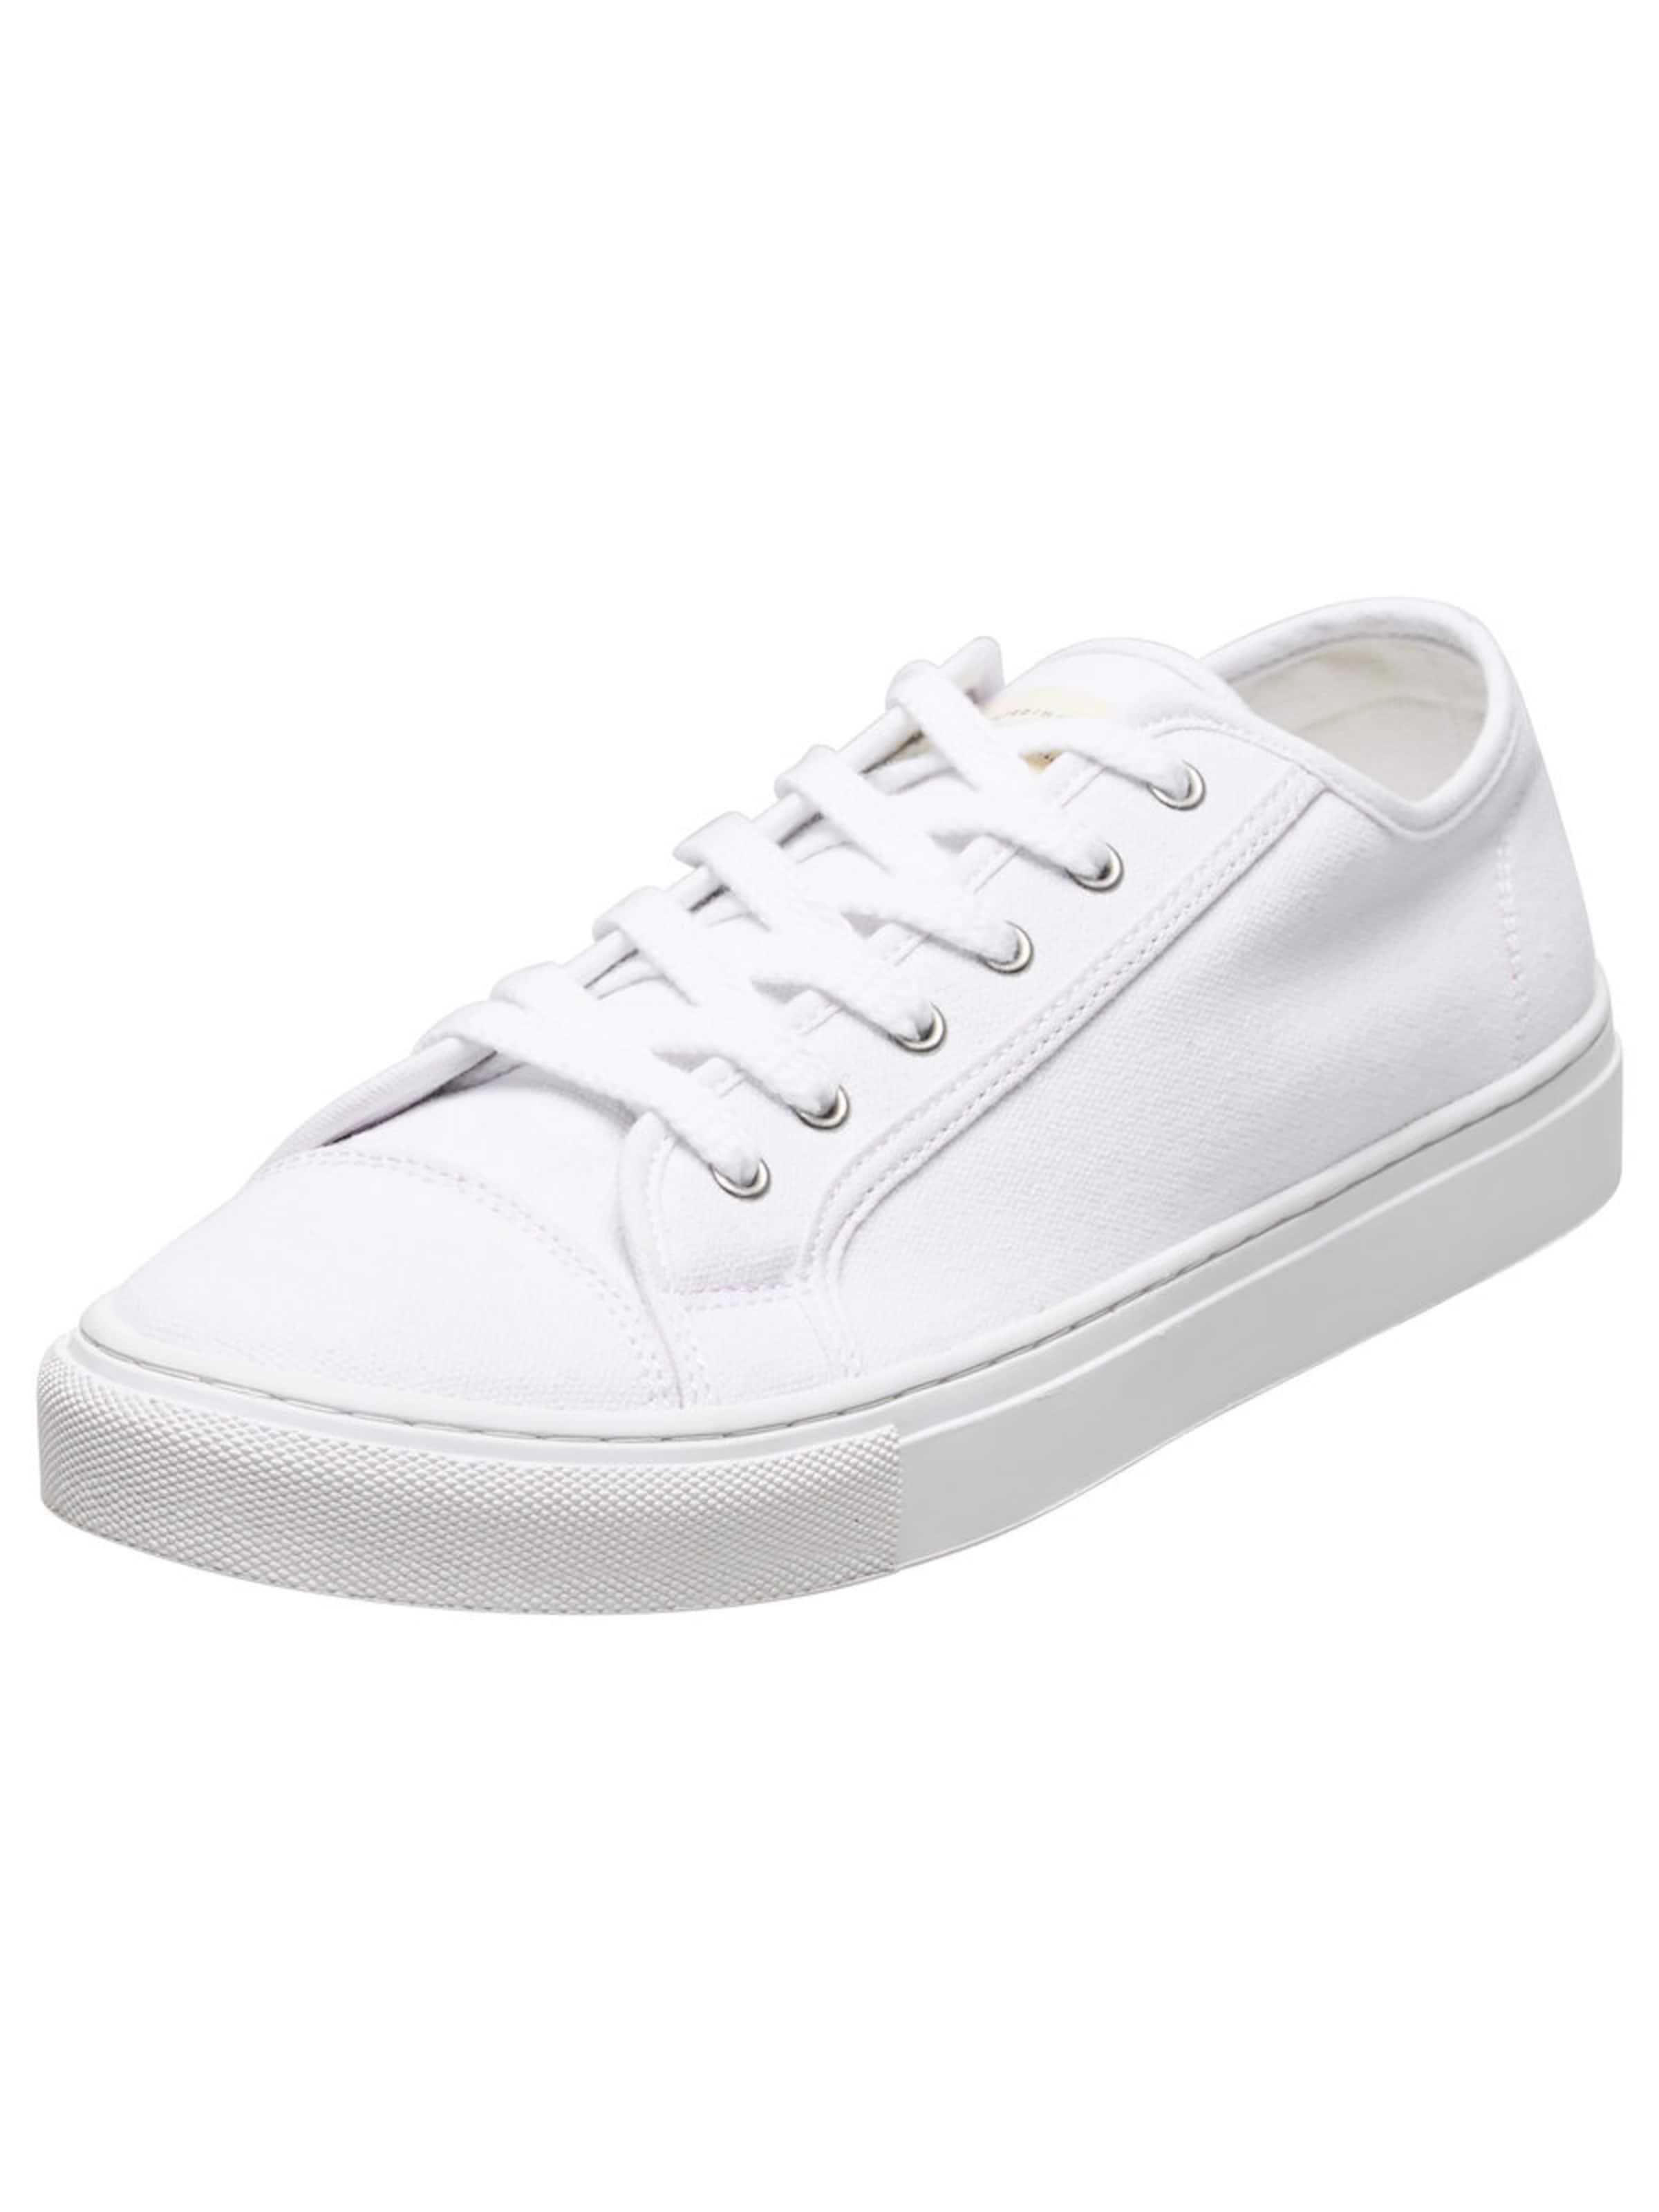 SELECTED HOMME Sneaker Verschleißfeste billige Schuhe